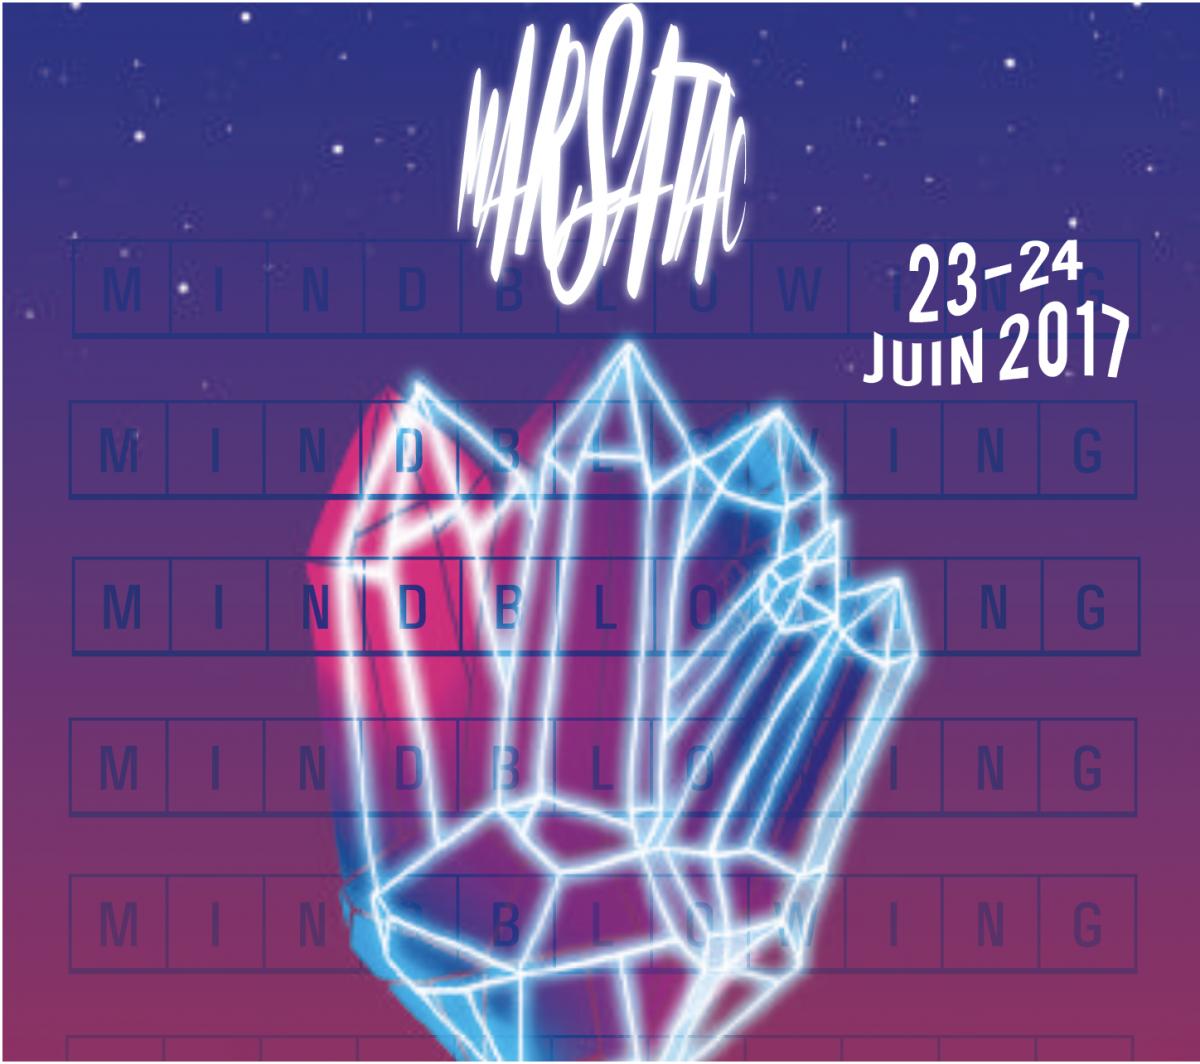 Affiche et identité du festival Marsatac avec les élèves de design graphique à l'école ESDAC Marseille